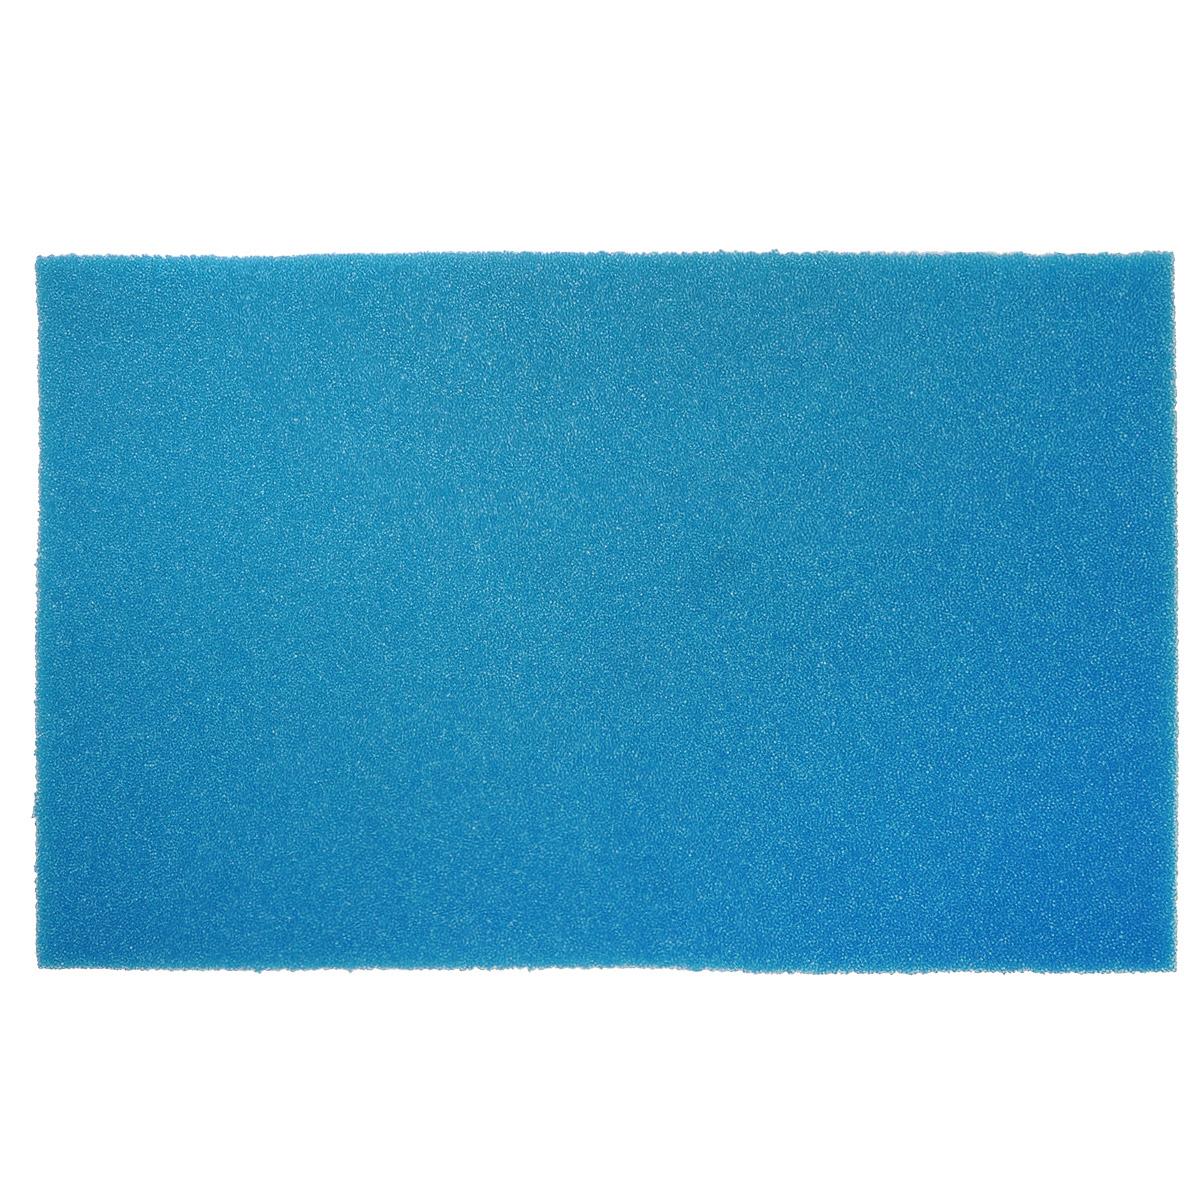 Коврик для хранения продуктов в холодильнике Eva, цвет: синий, 32 х 50 смЕ23Антибактериальный коврик Eva изготовлен из цветного пенополиуретана и используется в контейнерах для хранения овощей и фруктов. Он обеспечит свежесть продуктов в течение длительного времени, благодаря циркуляции воздуха между продуктами и поверхностями холодильника. Ячеистая структура коврика предотвратит размножение бактерий и образование плесени. Можно мыть в воде при температуре 30°С. Также изделие подходит в качестве коврика для сушки посуды. Размер: 32 см х 50 см.